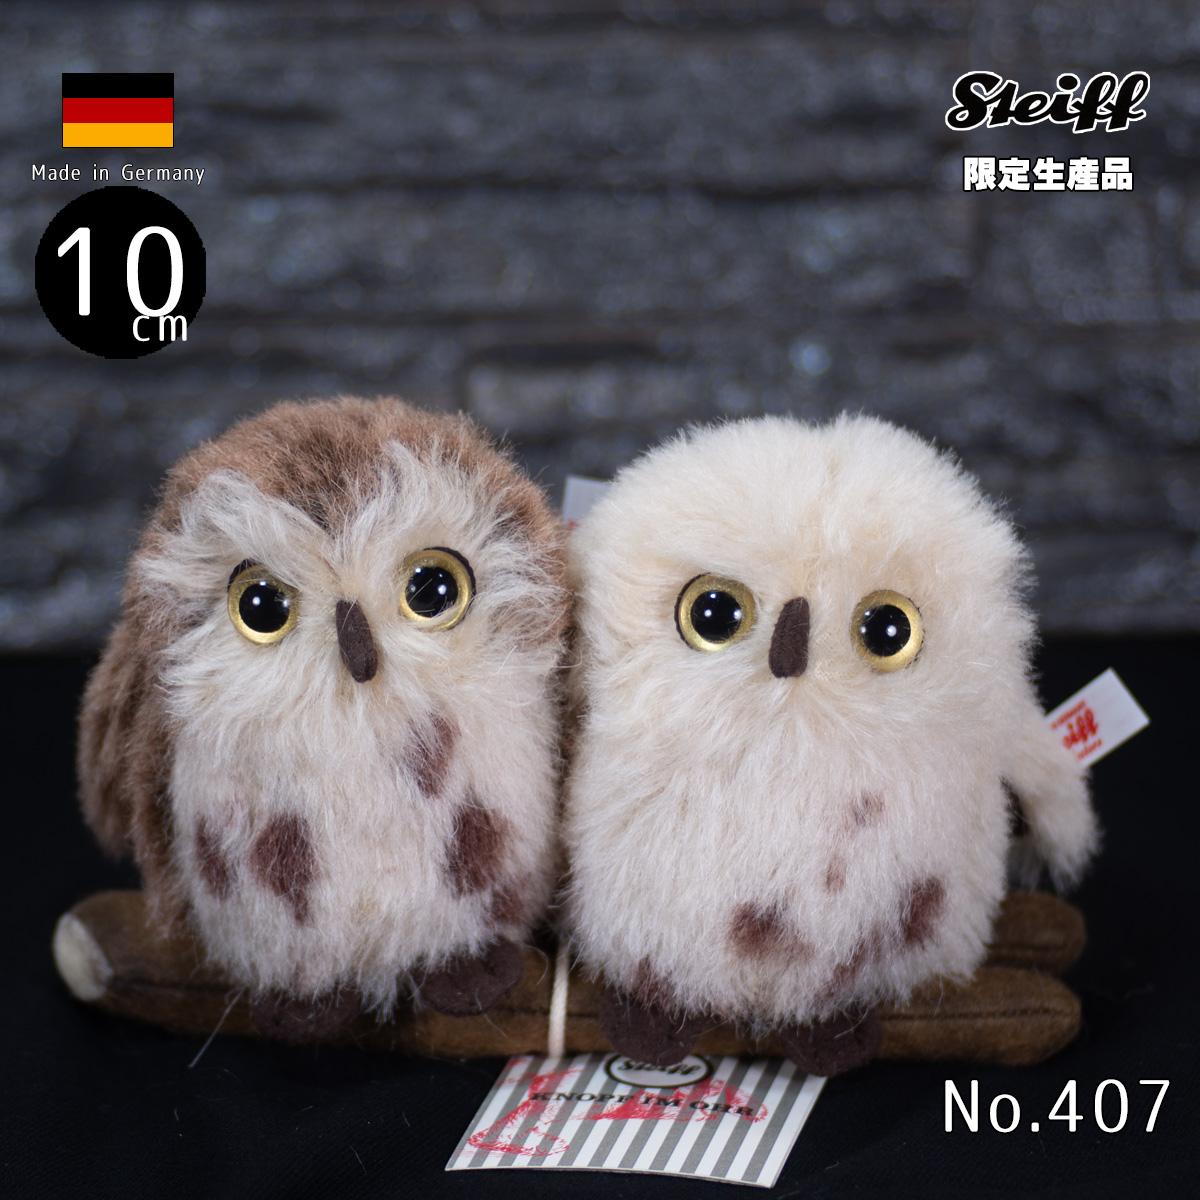 シュタイフ テディベア Steiff 世界限定アルパカ ふくろうセット 10cm Owl set